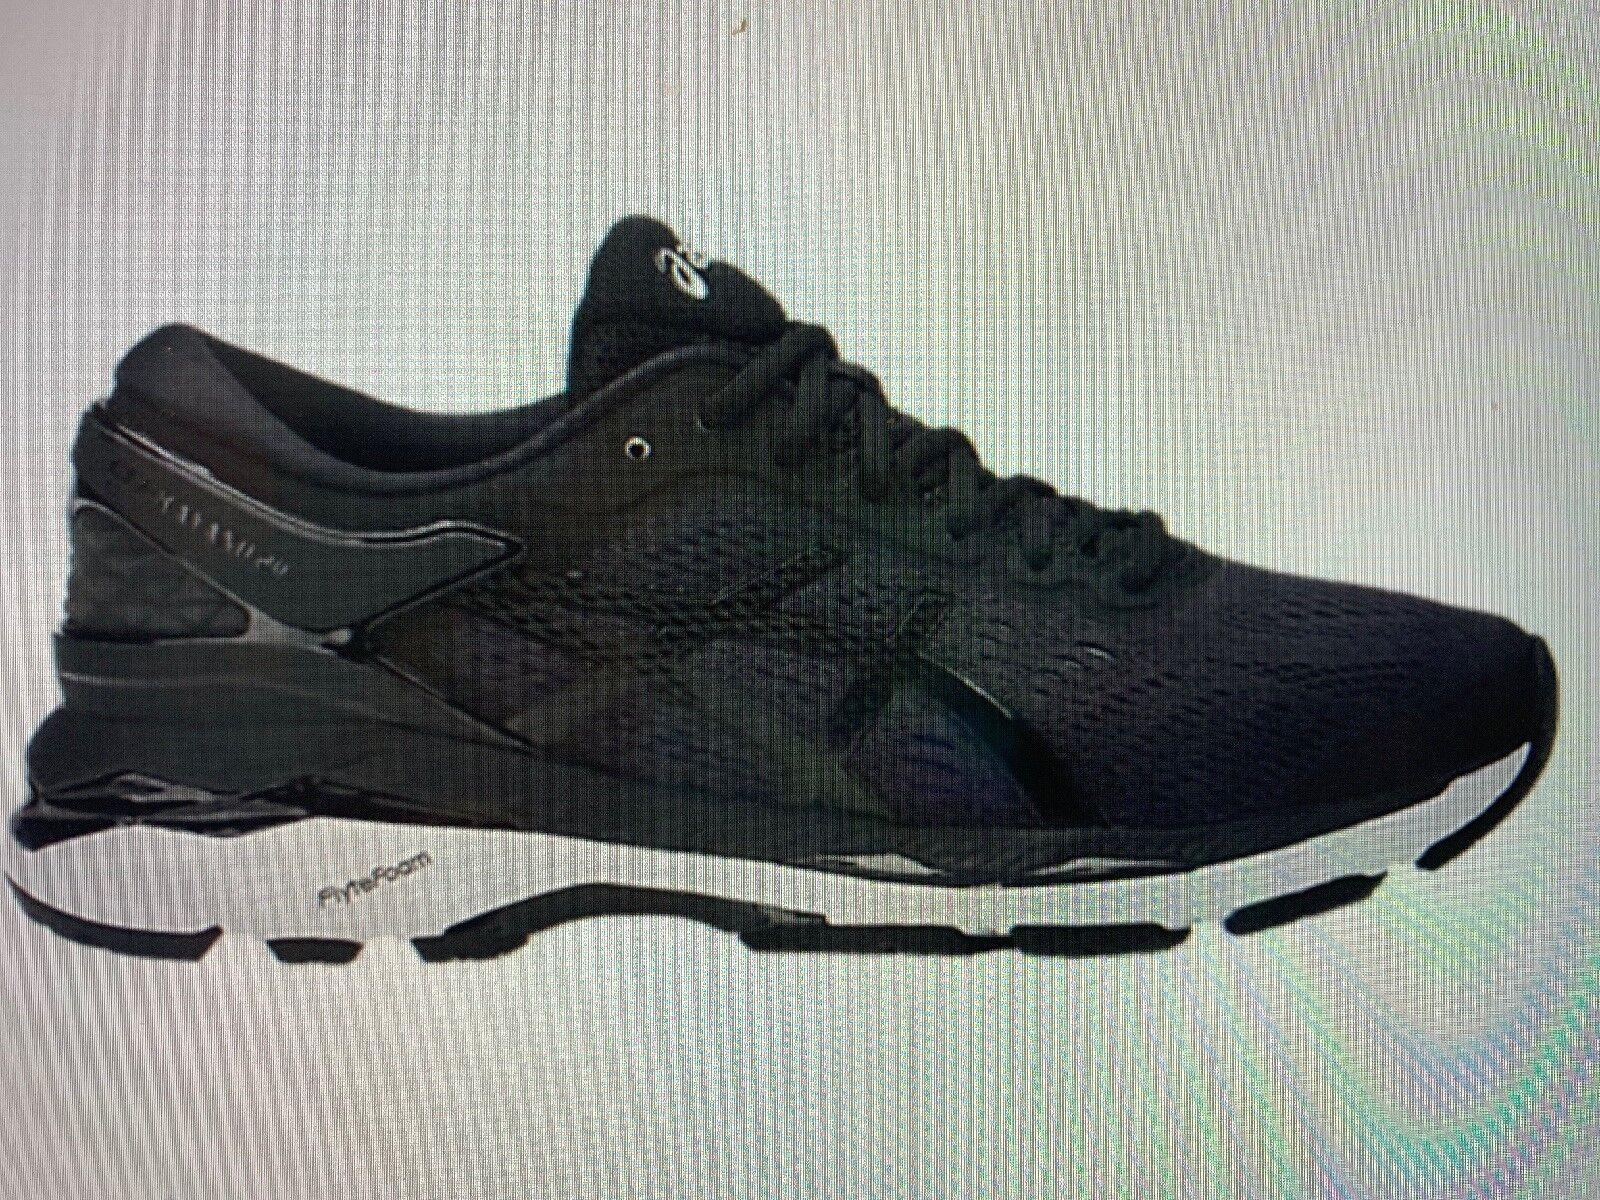 Women's Asics Gel-Kayano 24 Black Sneaker In Size 9 9 9 1 2 8d1b55